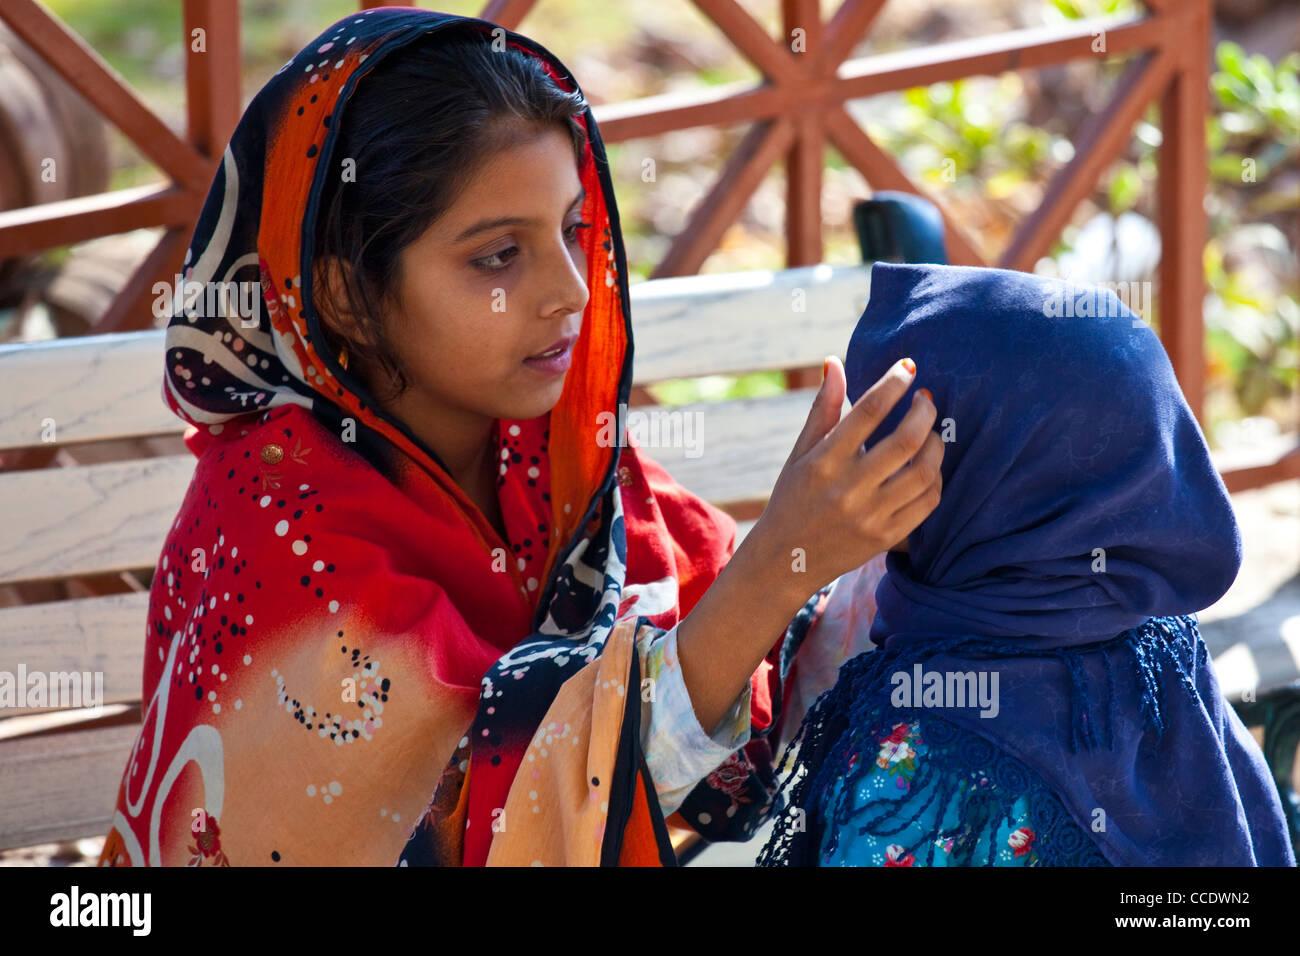 Murree, Punjab Province, Pakistan Stock Photo